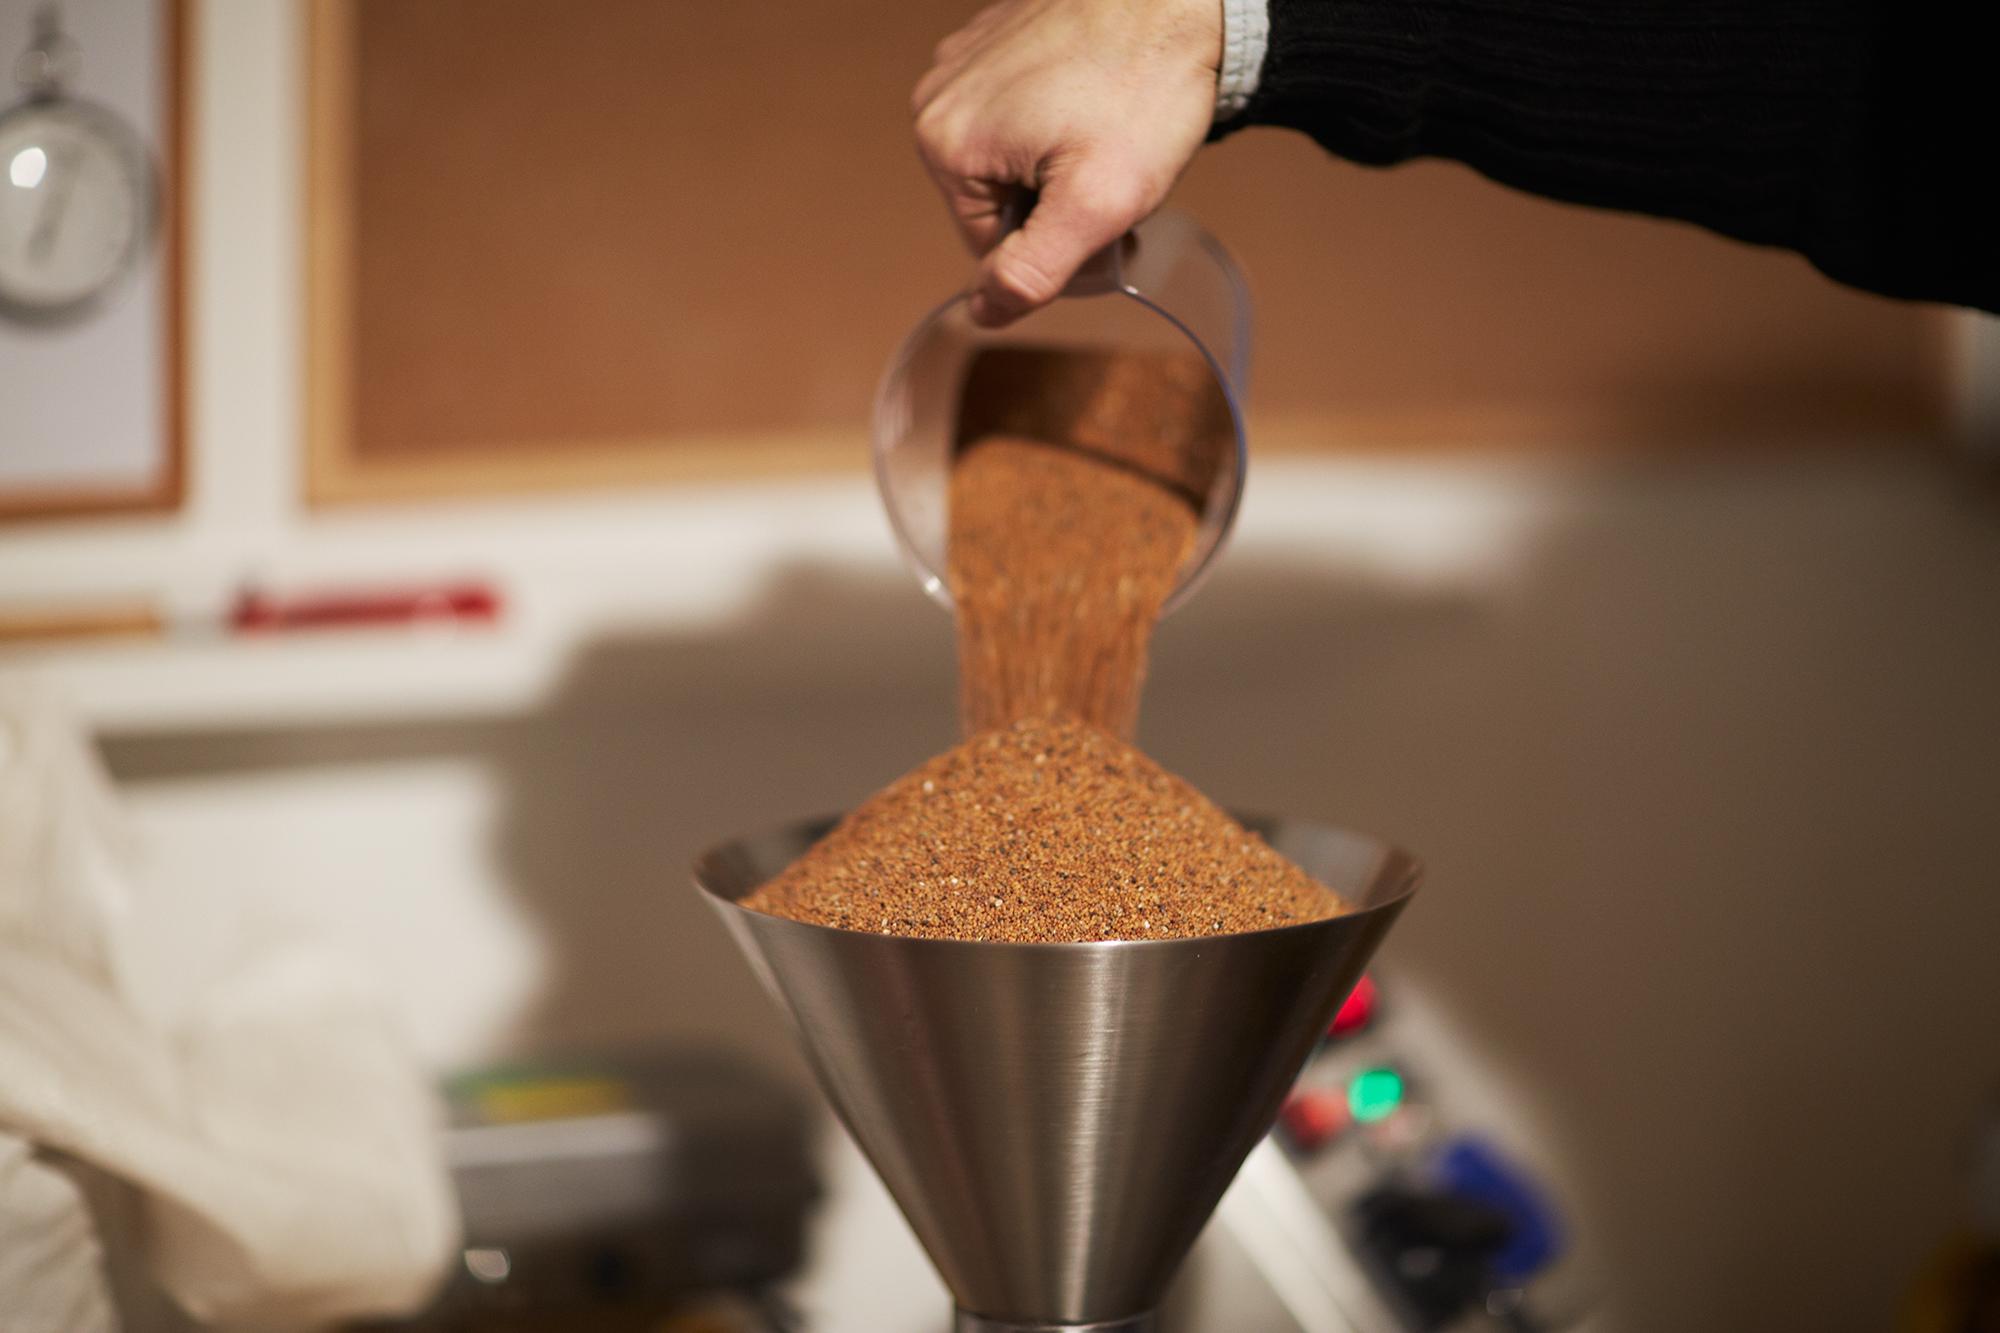 Kiloweise Leindotter wird zu Öl verarbeitet. Für zwei Liter Öl wartet Simon Müller bis zu eineinhalb Stunden.